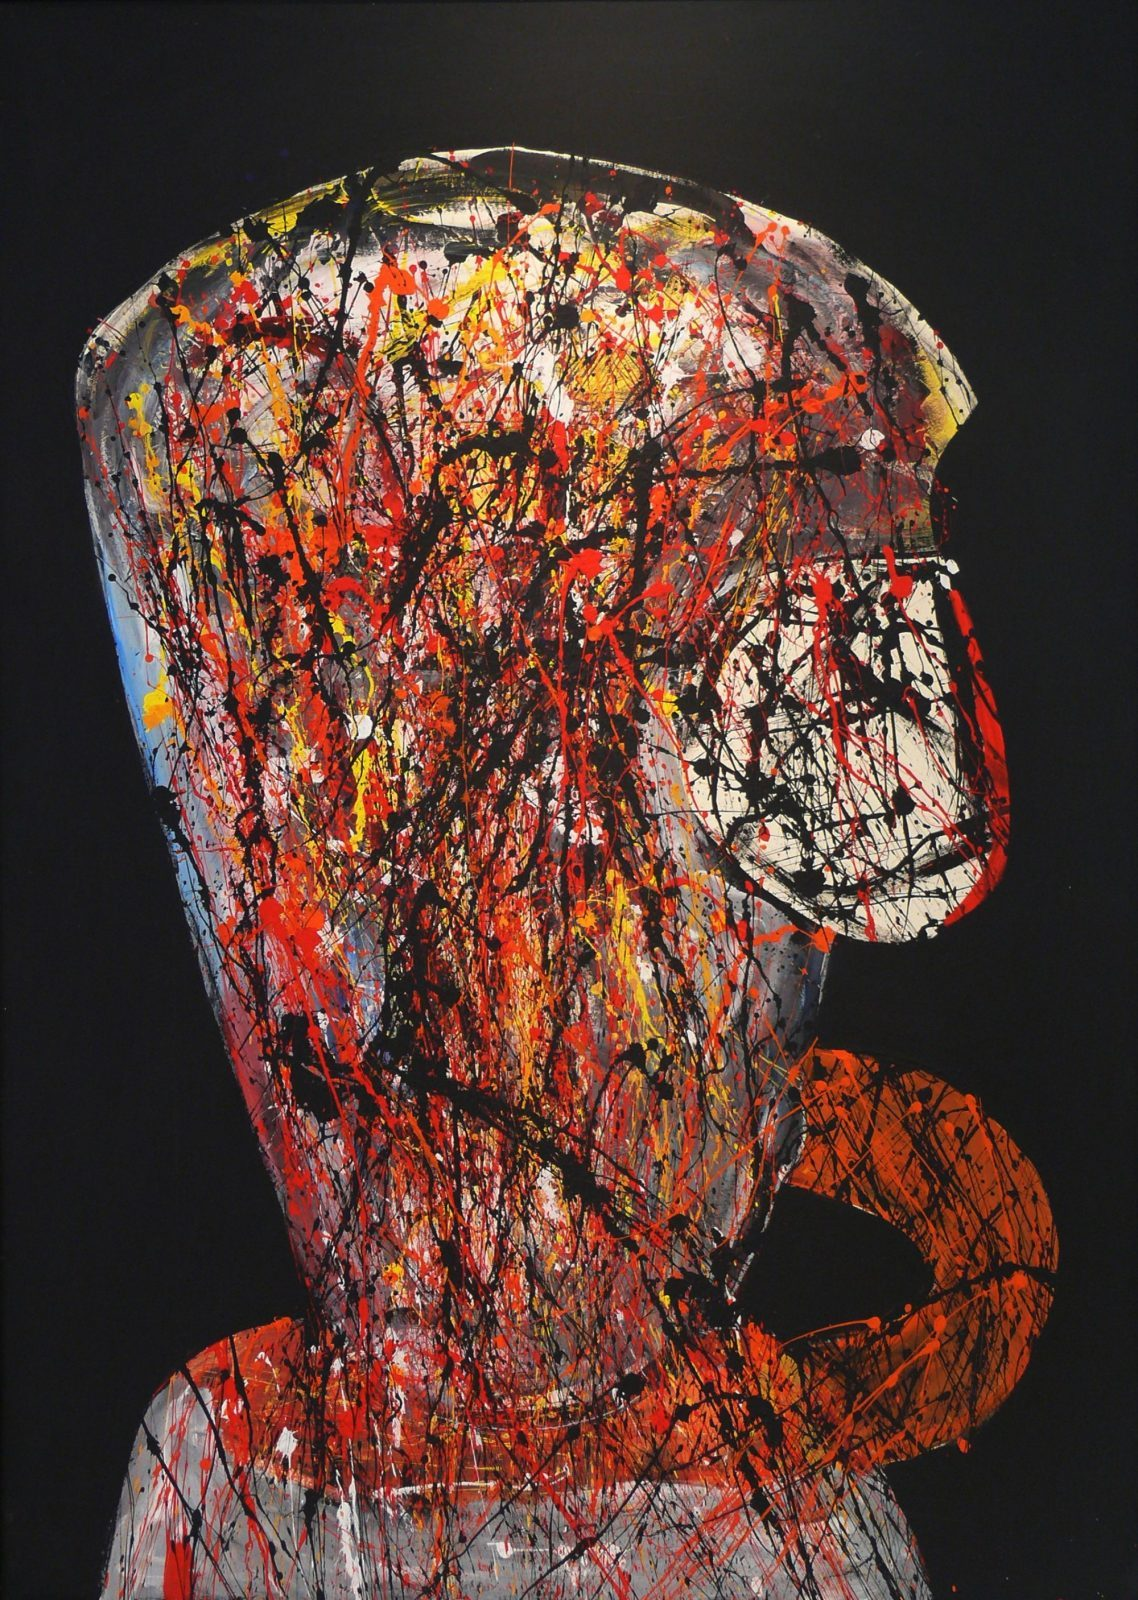 László feLugossy: Endless Heads 1.